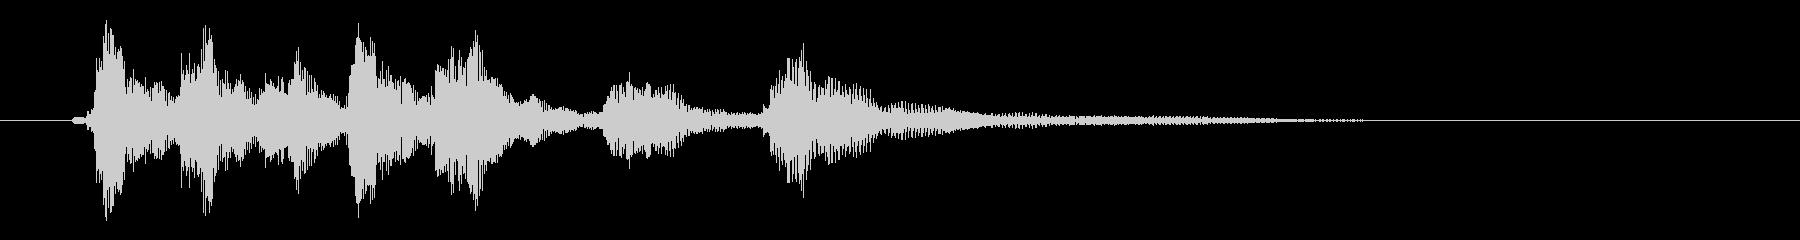 ピチカートのシンプルなジングル その2の未再生の波形